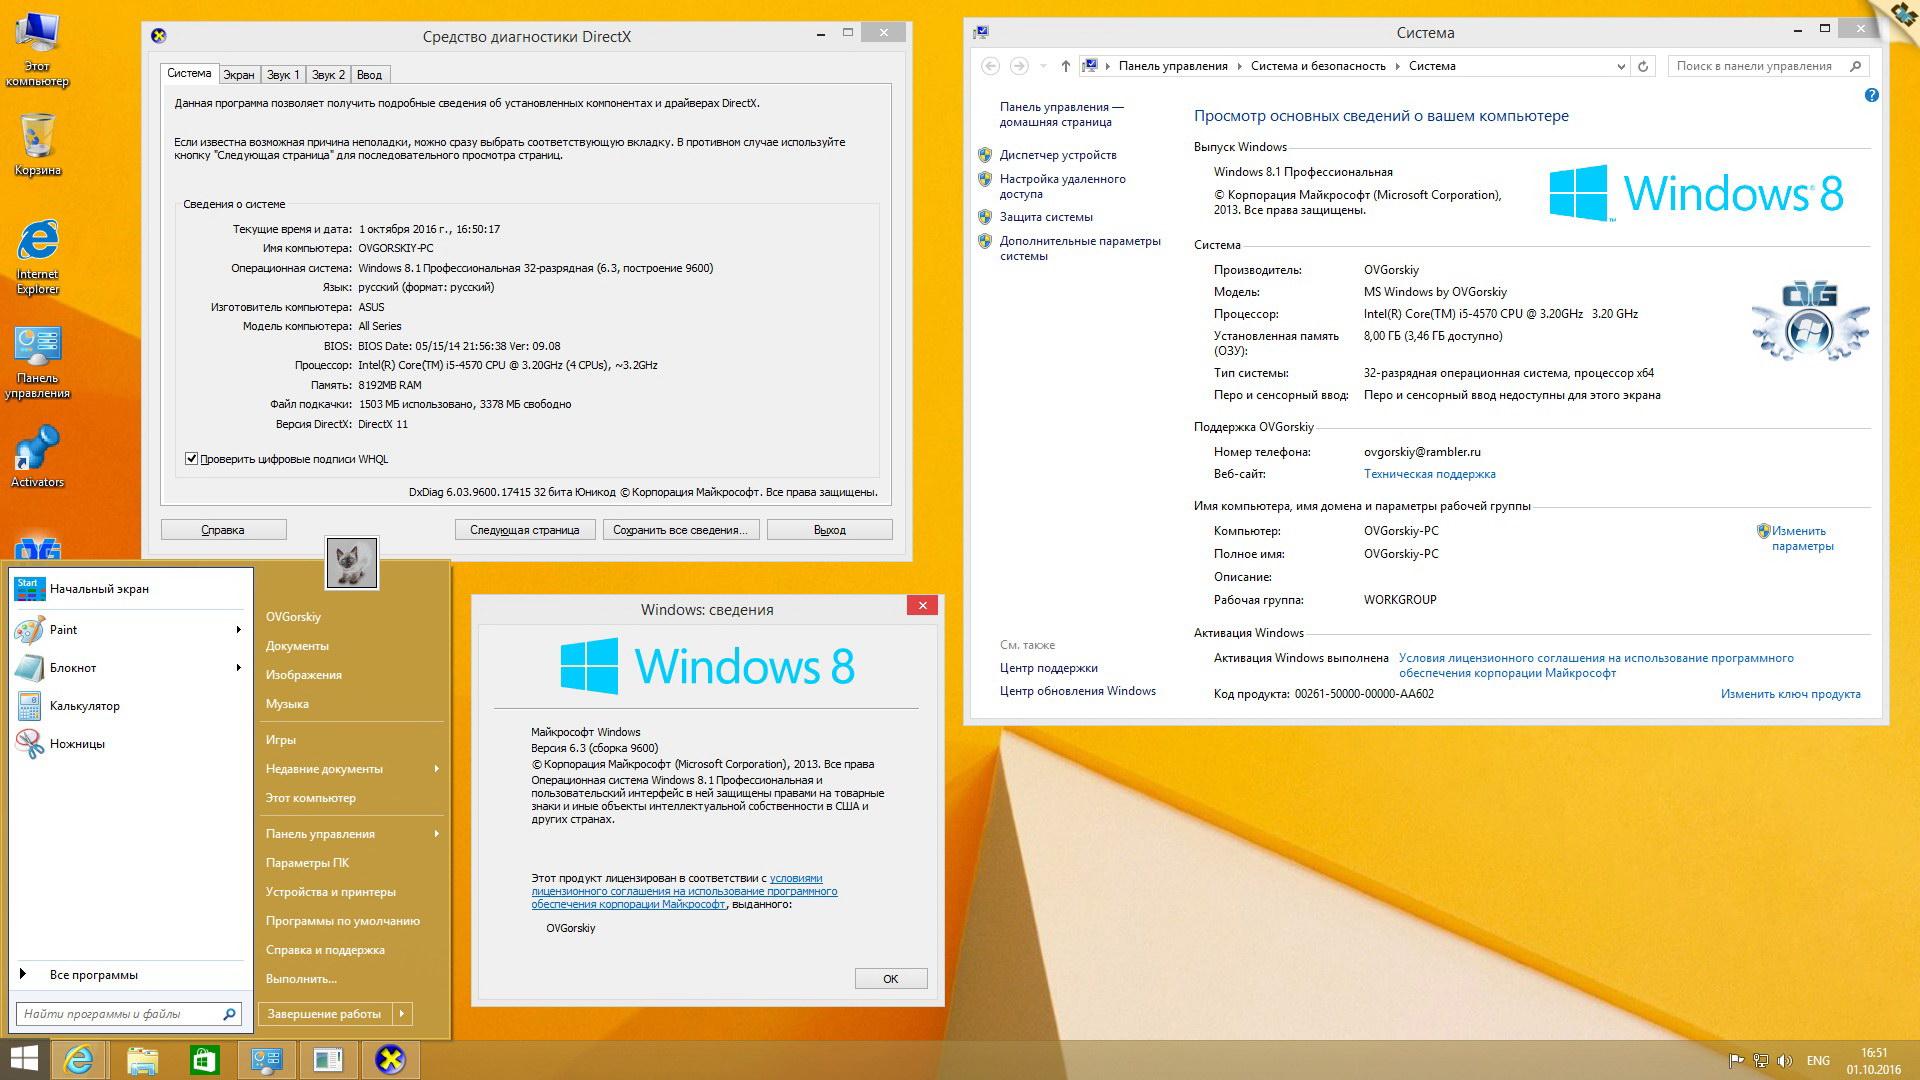 Как сделать себя админом в windows 8.1